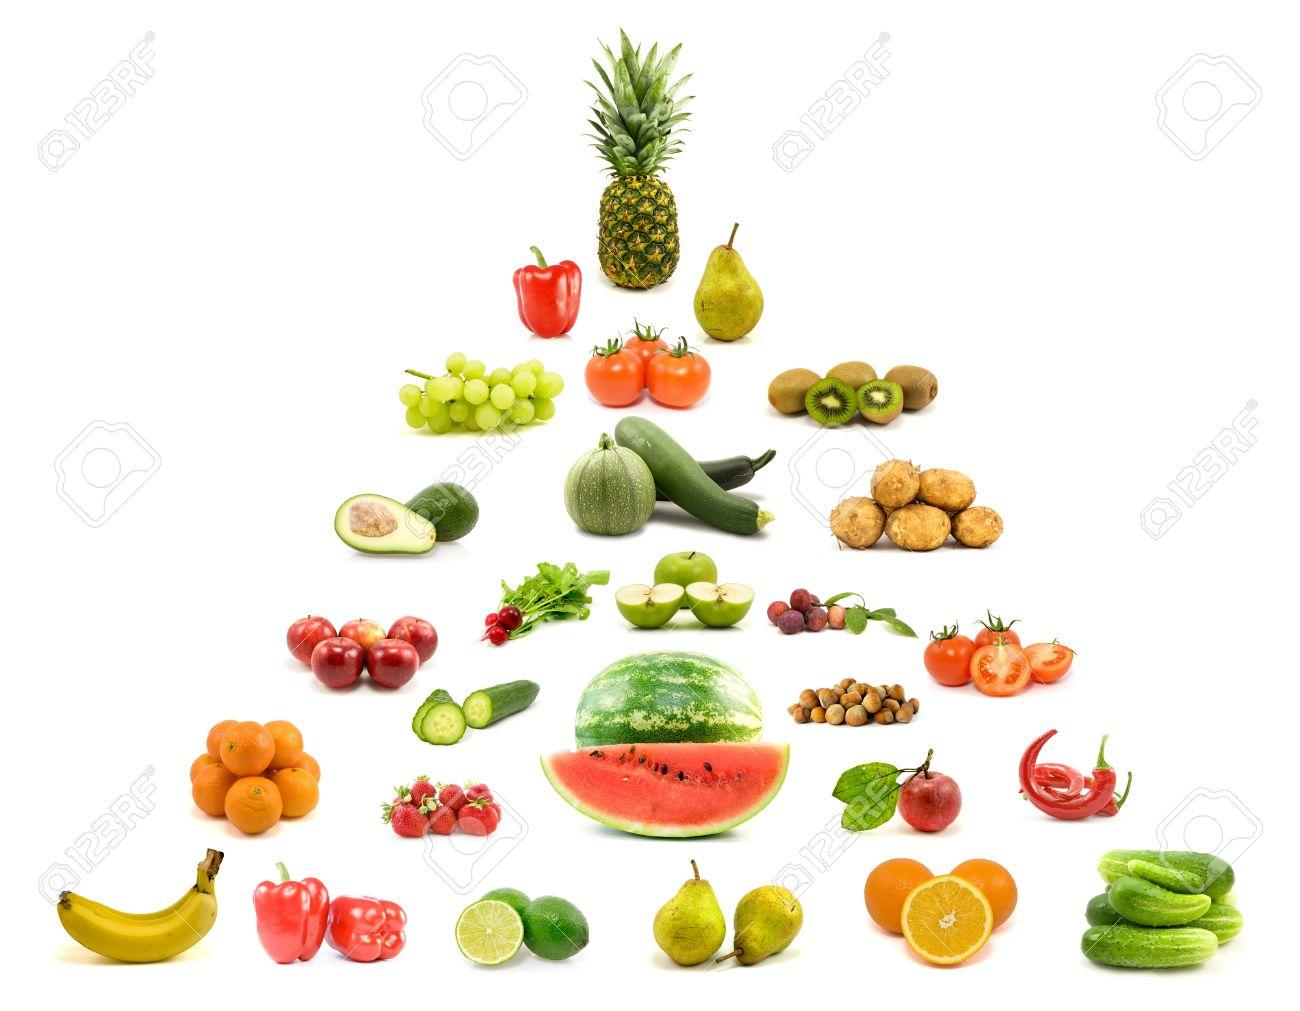 Diat Und Ernahrung Pyramide Aus Obst Und Gemuse Lizenzfreie Fotos